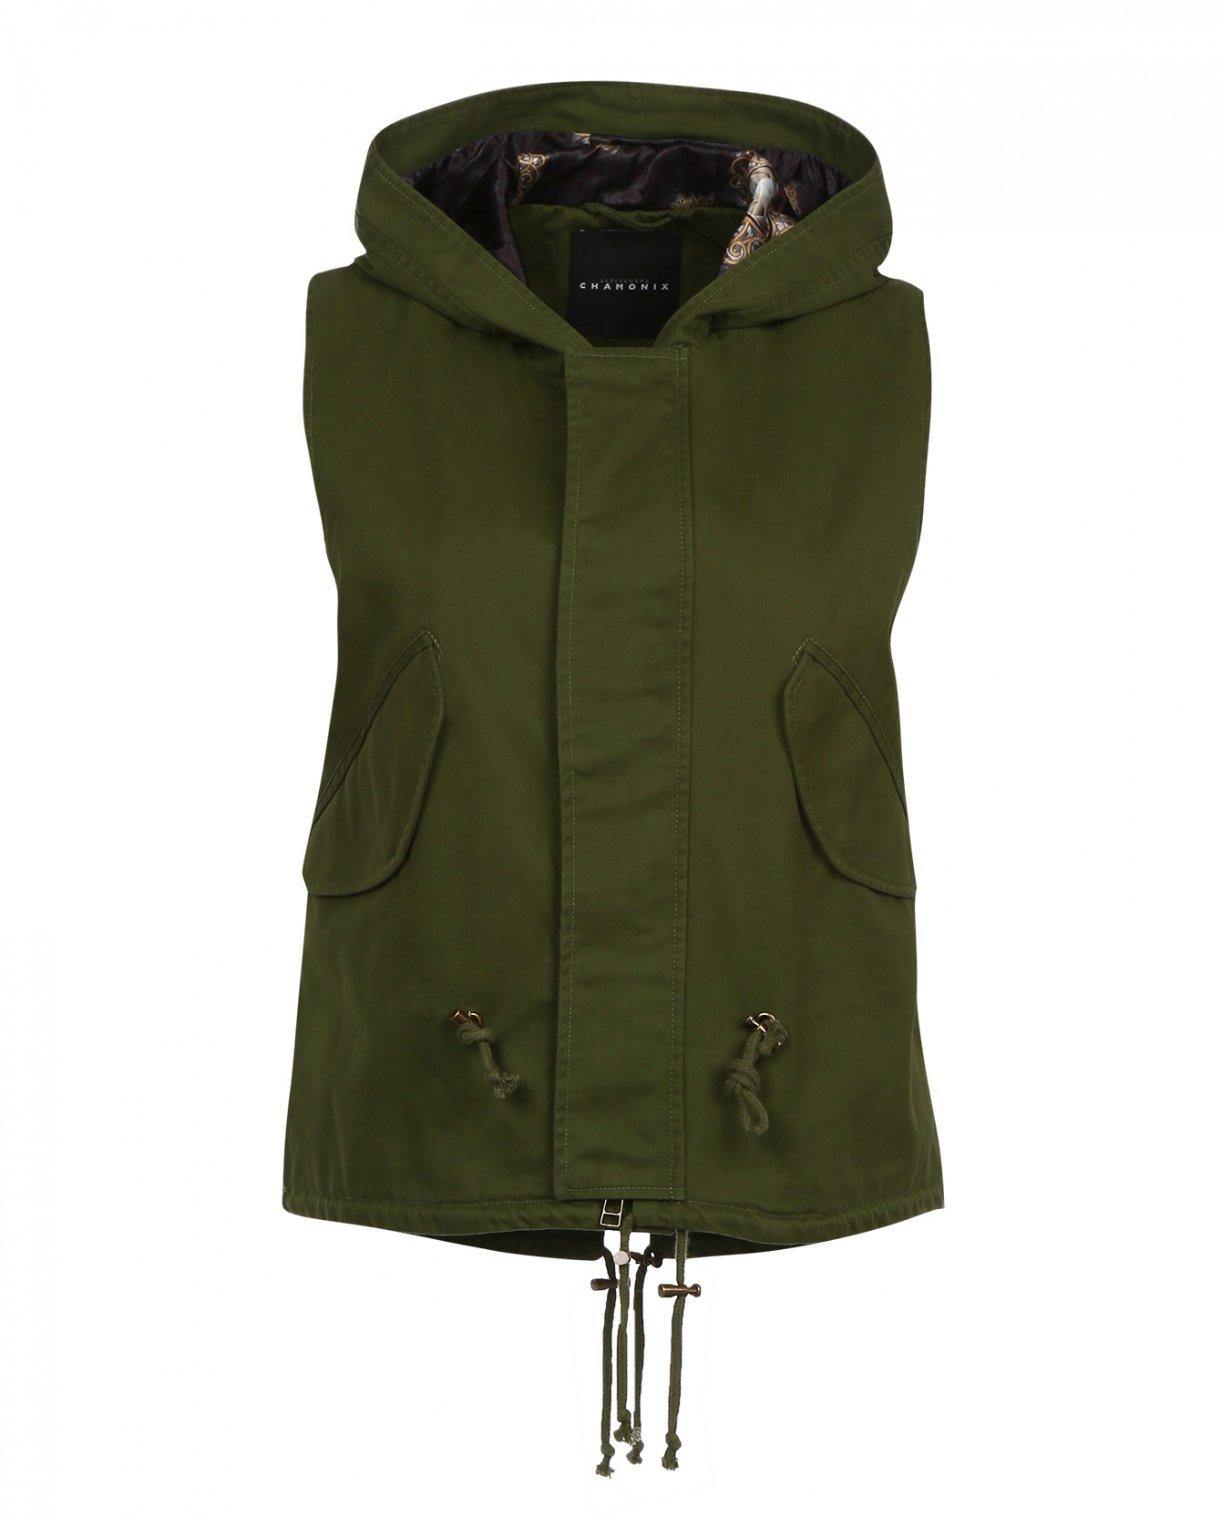 Жилет из хлопка на молнии с капюшоном Alessandra Chamonix  –  Общий вид  – Цвет:  Зеленый